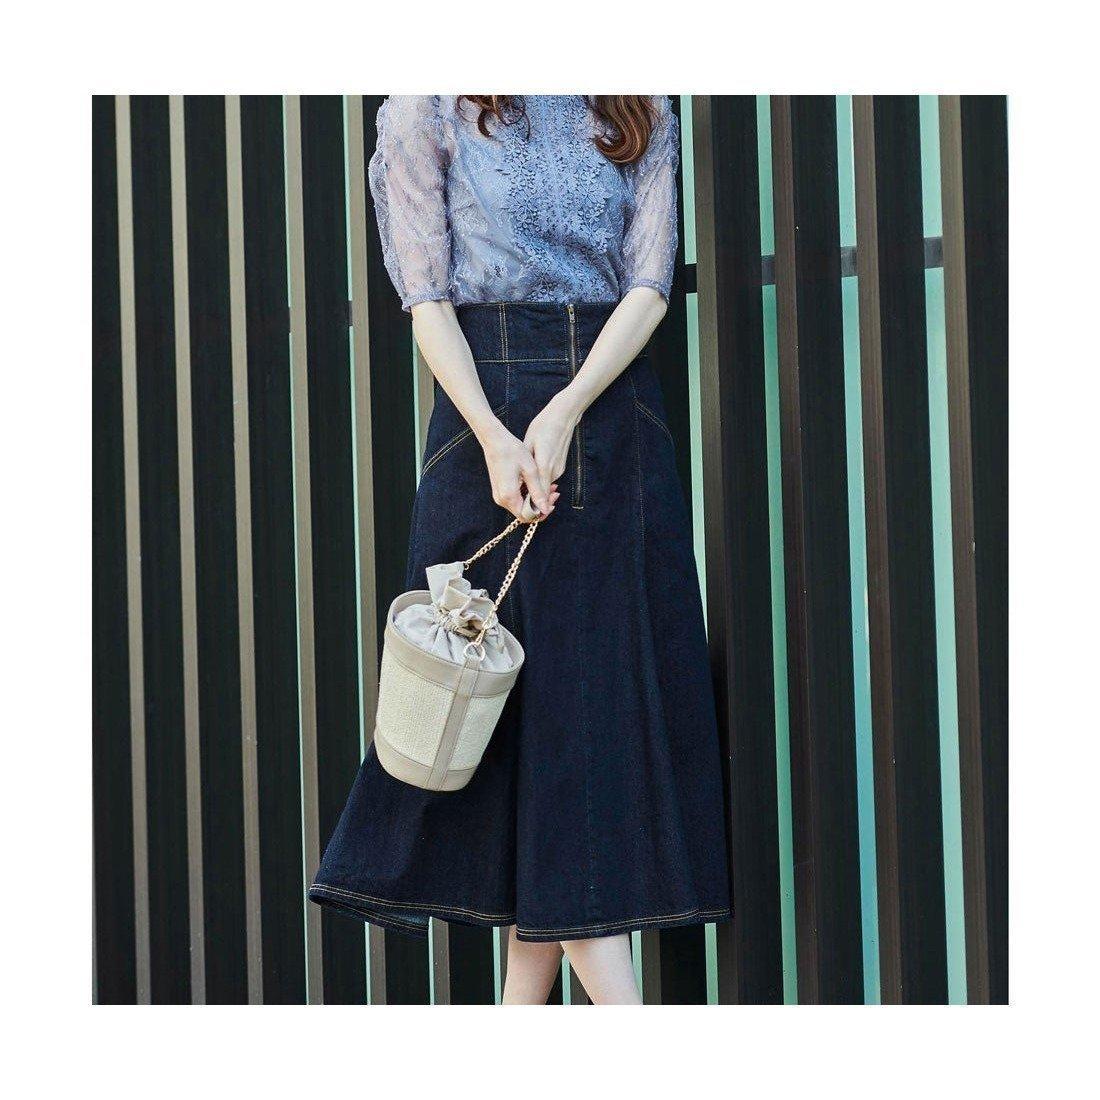 緩やかなマーメイドラインが、カジュアルなデニムを上品で女性らしい印象に見せてくれるスカート おすすめで人気、流行・トレンド、ファッション通販商品 インテリア・家具・キッズファッション・メンズファッション・レディースファッション・服の通販 founy(ファニー) 【ノエラ/Noela】 トレンドファッション・スタイル  Fashion Trends ブランド Brand ファッション Fashion レディースファッション WOMEN スカート Skirt デニムスカート Denim Skirts 2021年 2021 2021春夏・S/S SS/Spring/Summer/2021 S/S・春夏 SS・Spring/Summer おすすめ Recommend ダウン デニム マーメイド 夏 Summer 春 Spring |ID:prp329100001611653